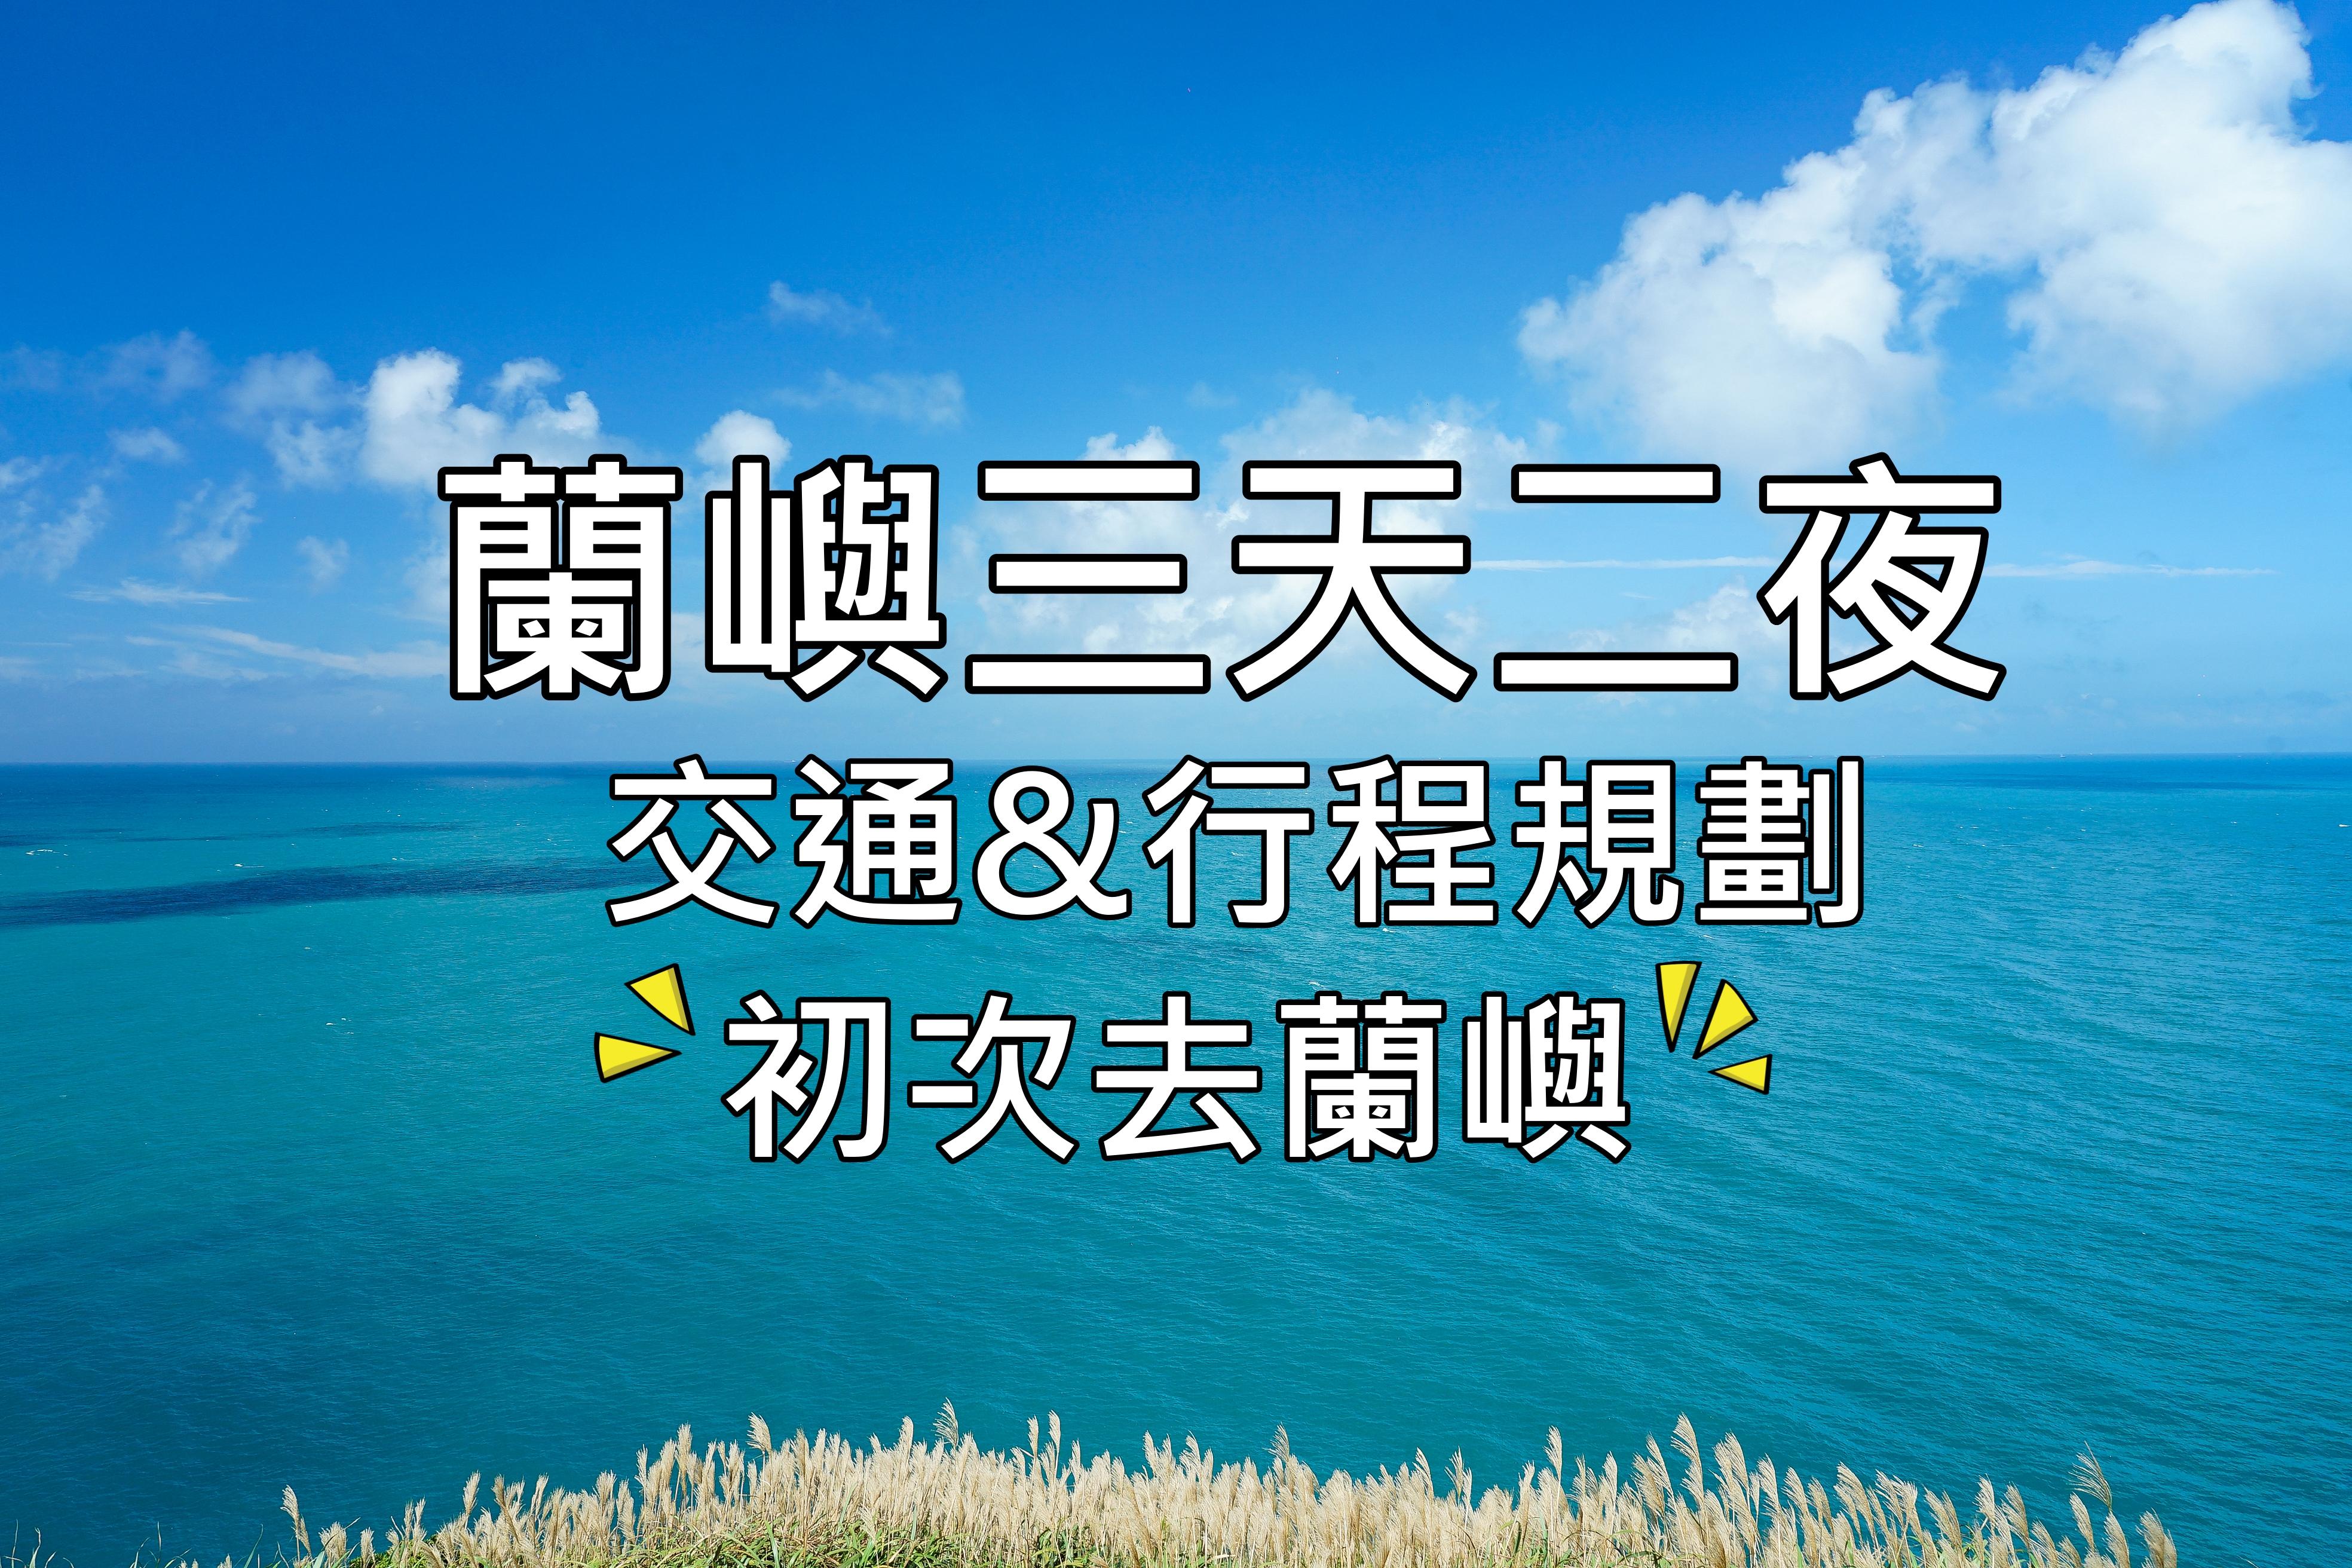 網站近期文章:我要去蘭嶼自由行!! 初學者蘭嶼3天2夜行程規劃  蘭嶼機票、蘭嶼船班時間  蘭嶼民宿  蘭嶼地圖下載 蘭嶼景點規劃